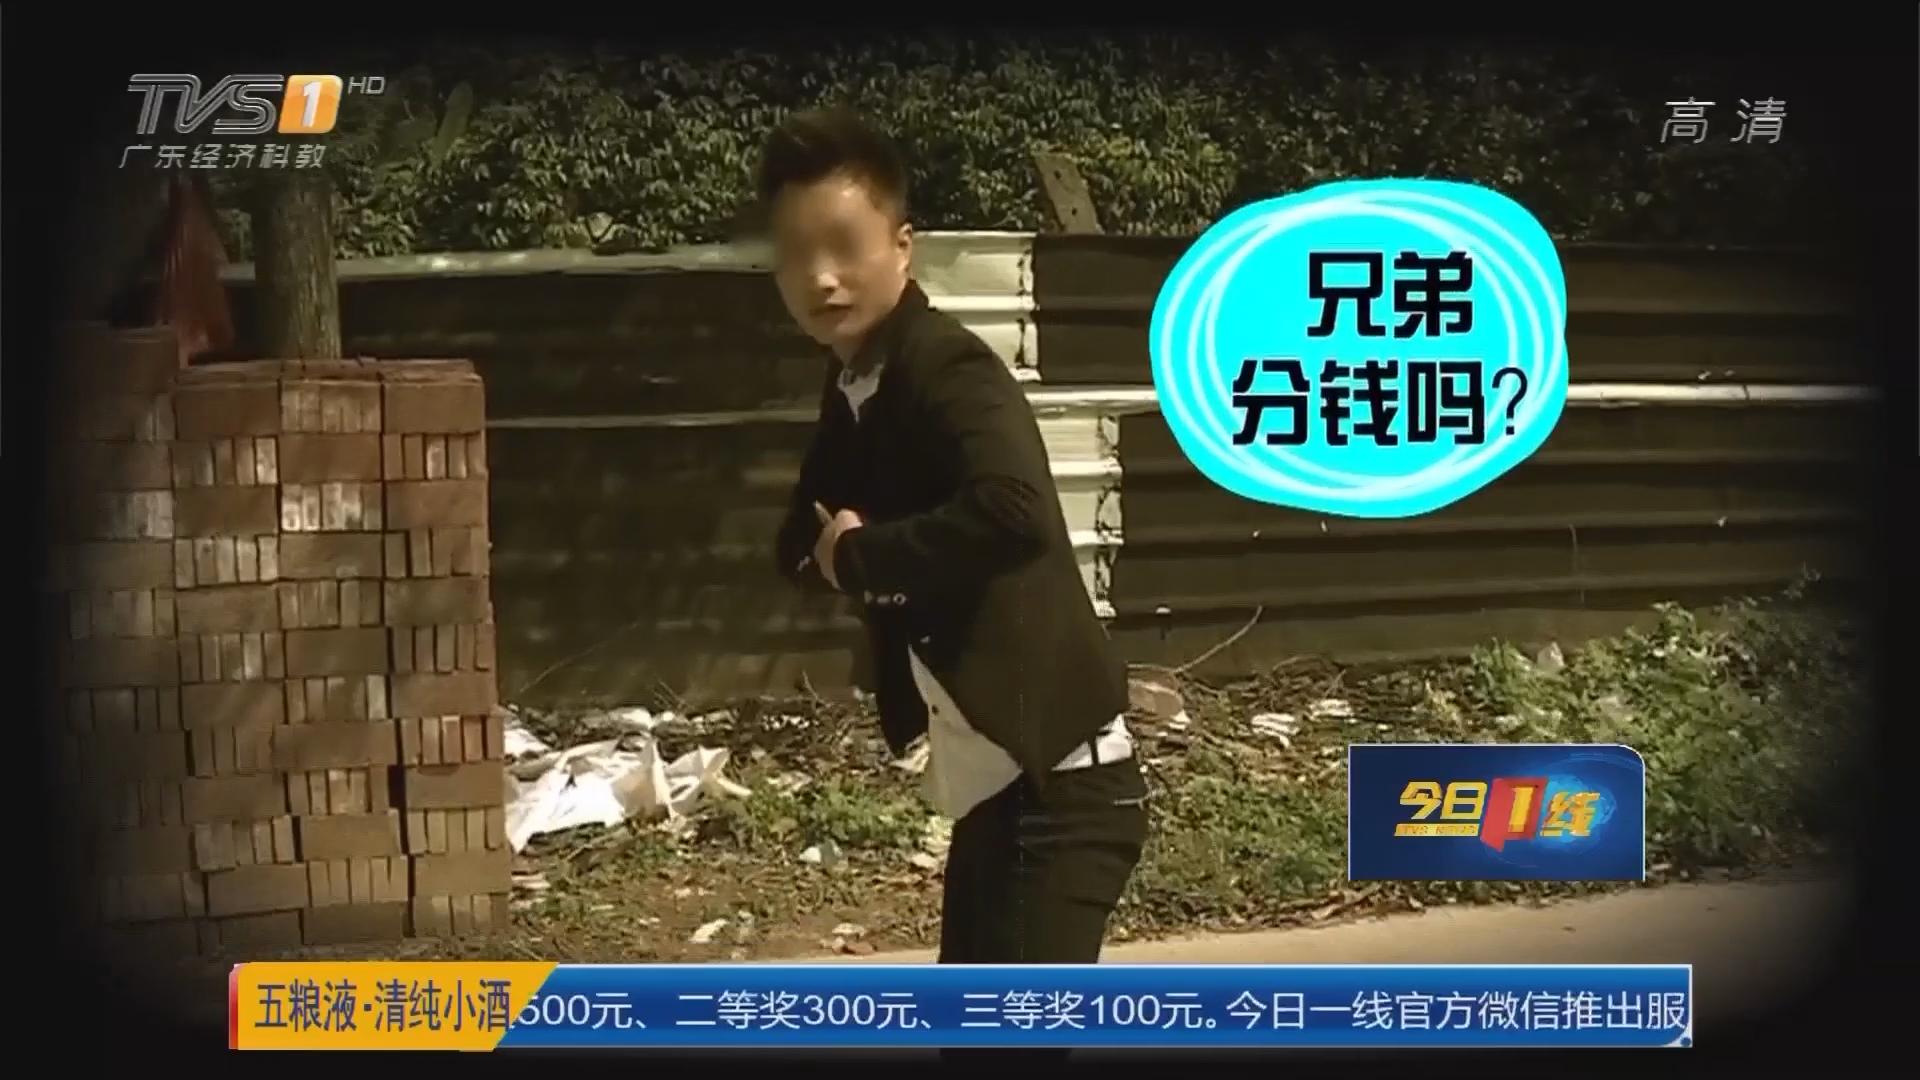 东莞桥头:天降四千元 竟有分钱好事?